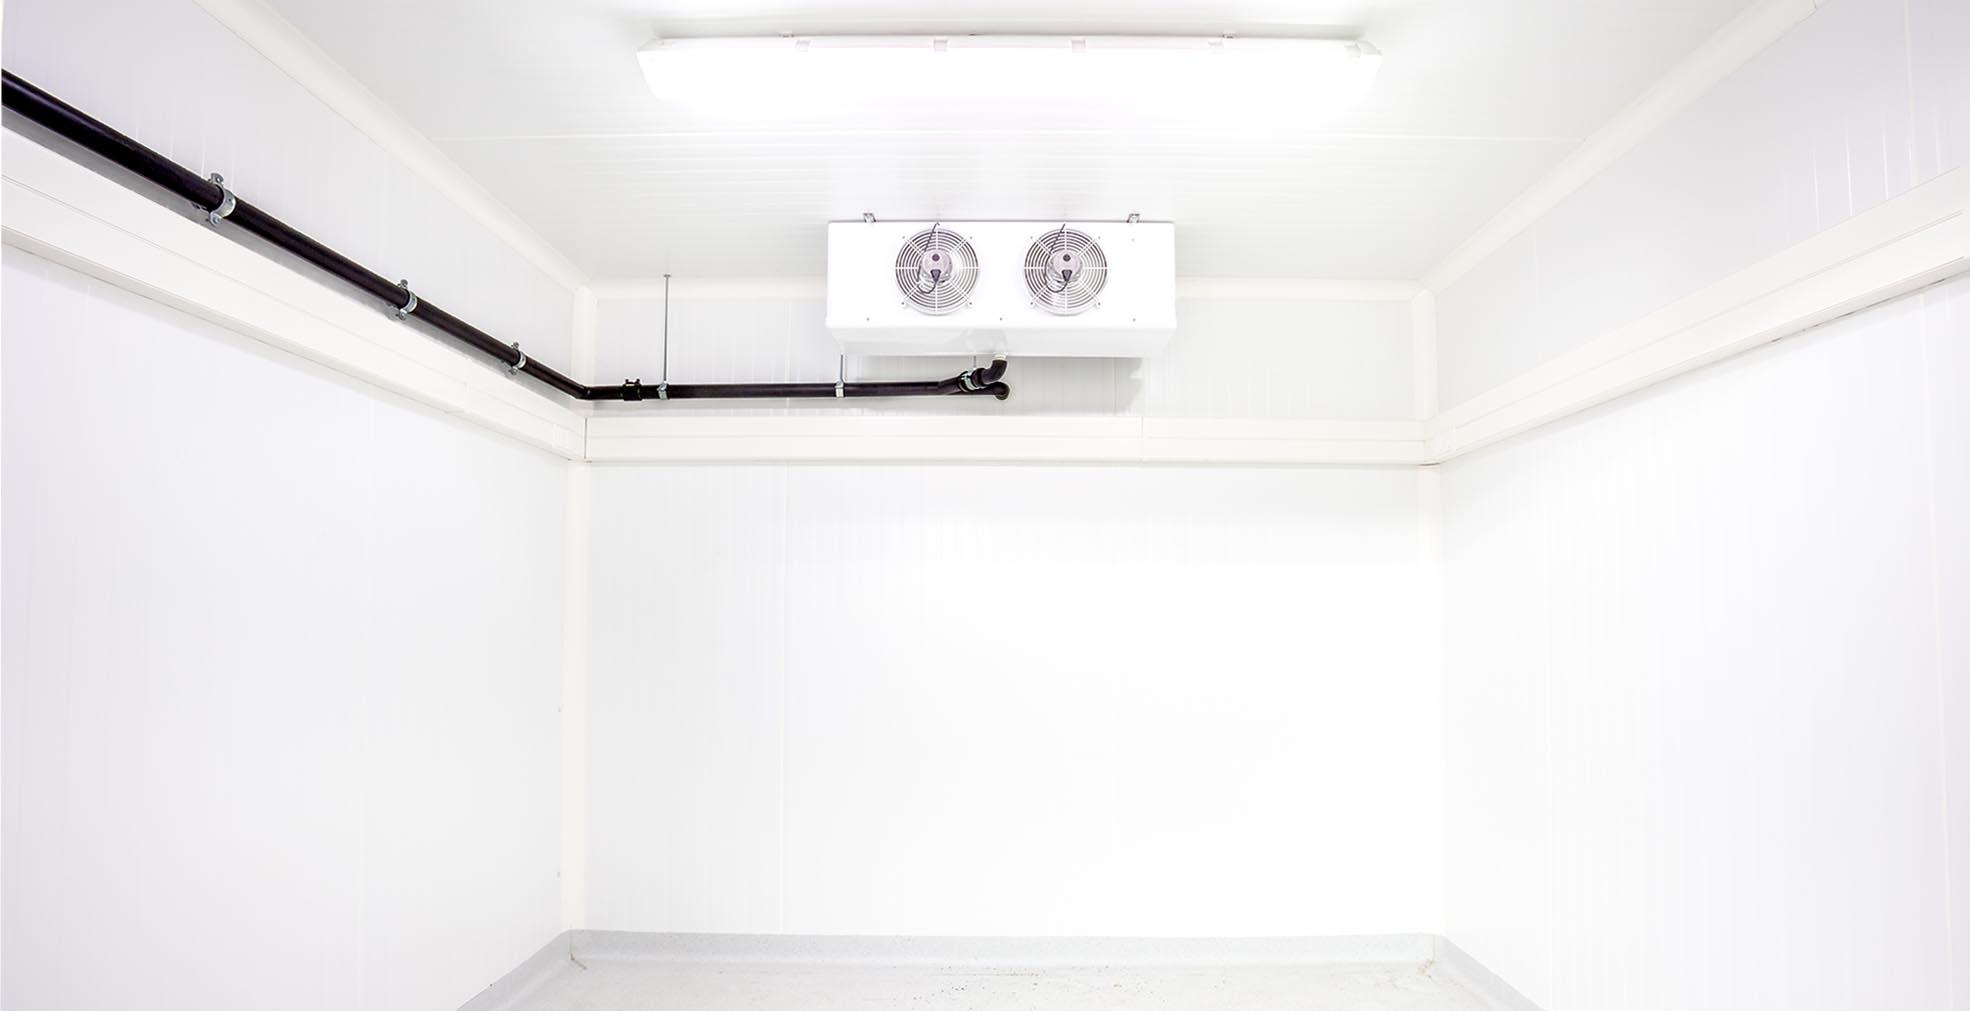 imagen de Instalaciones de ventilación para industrias